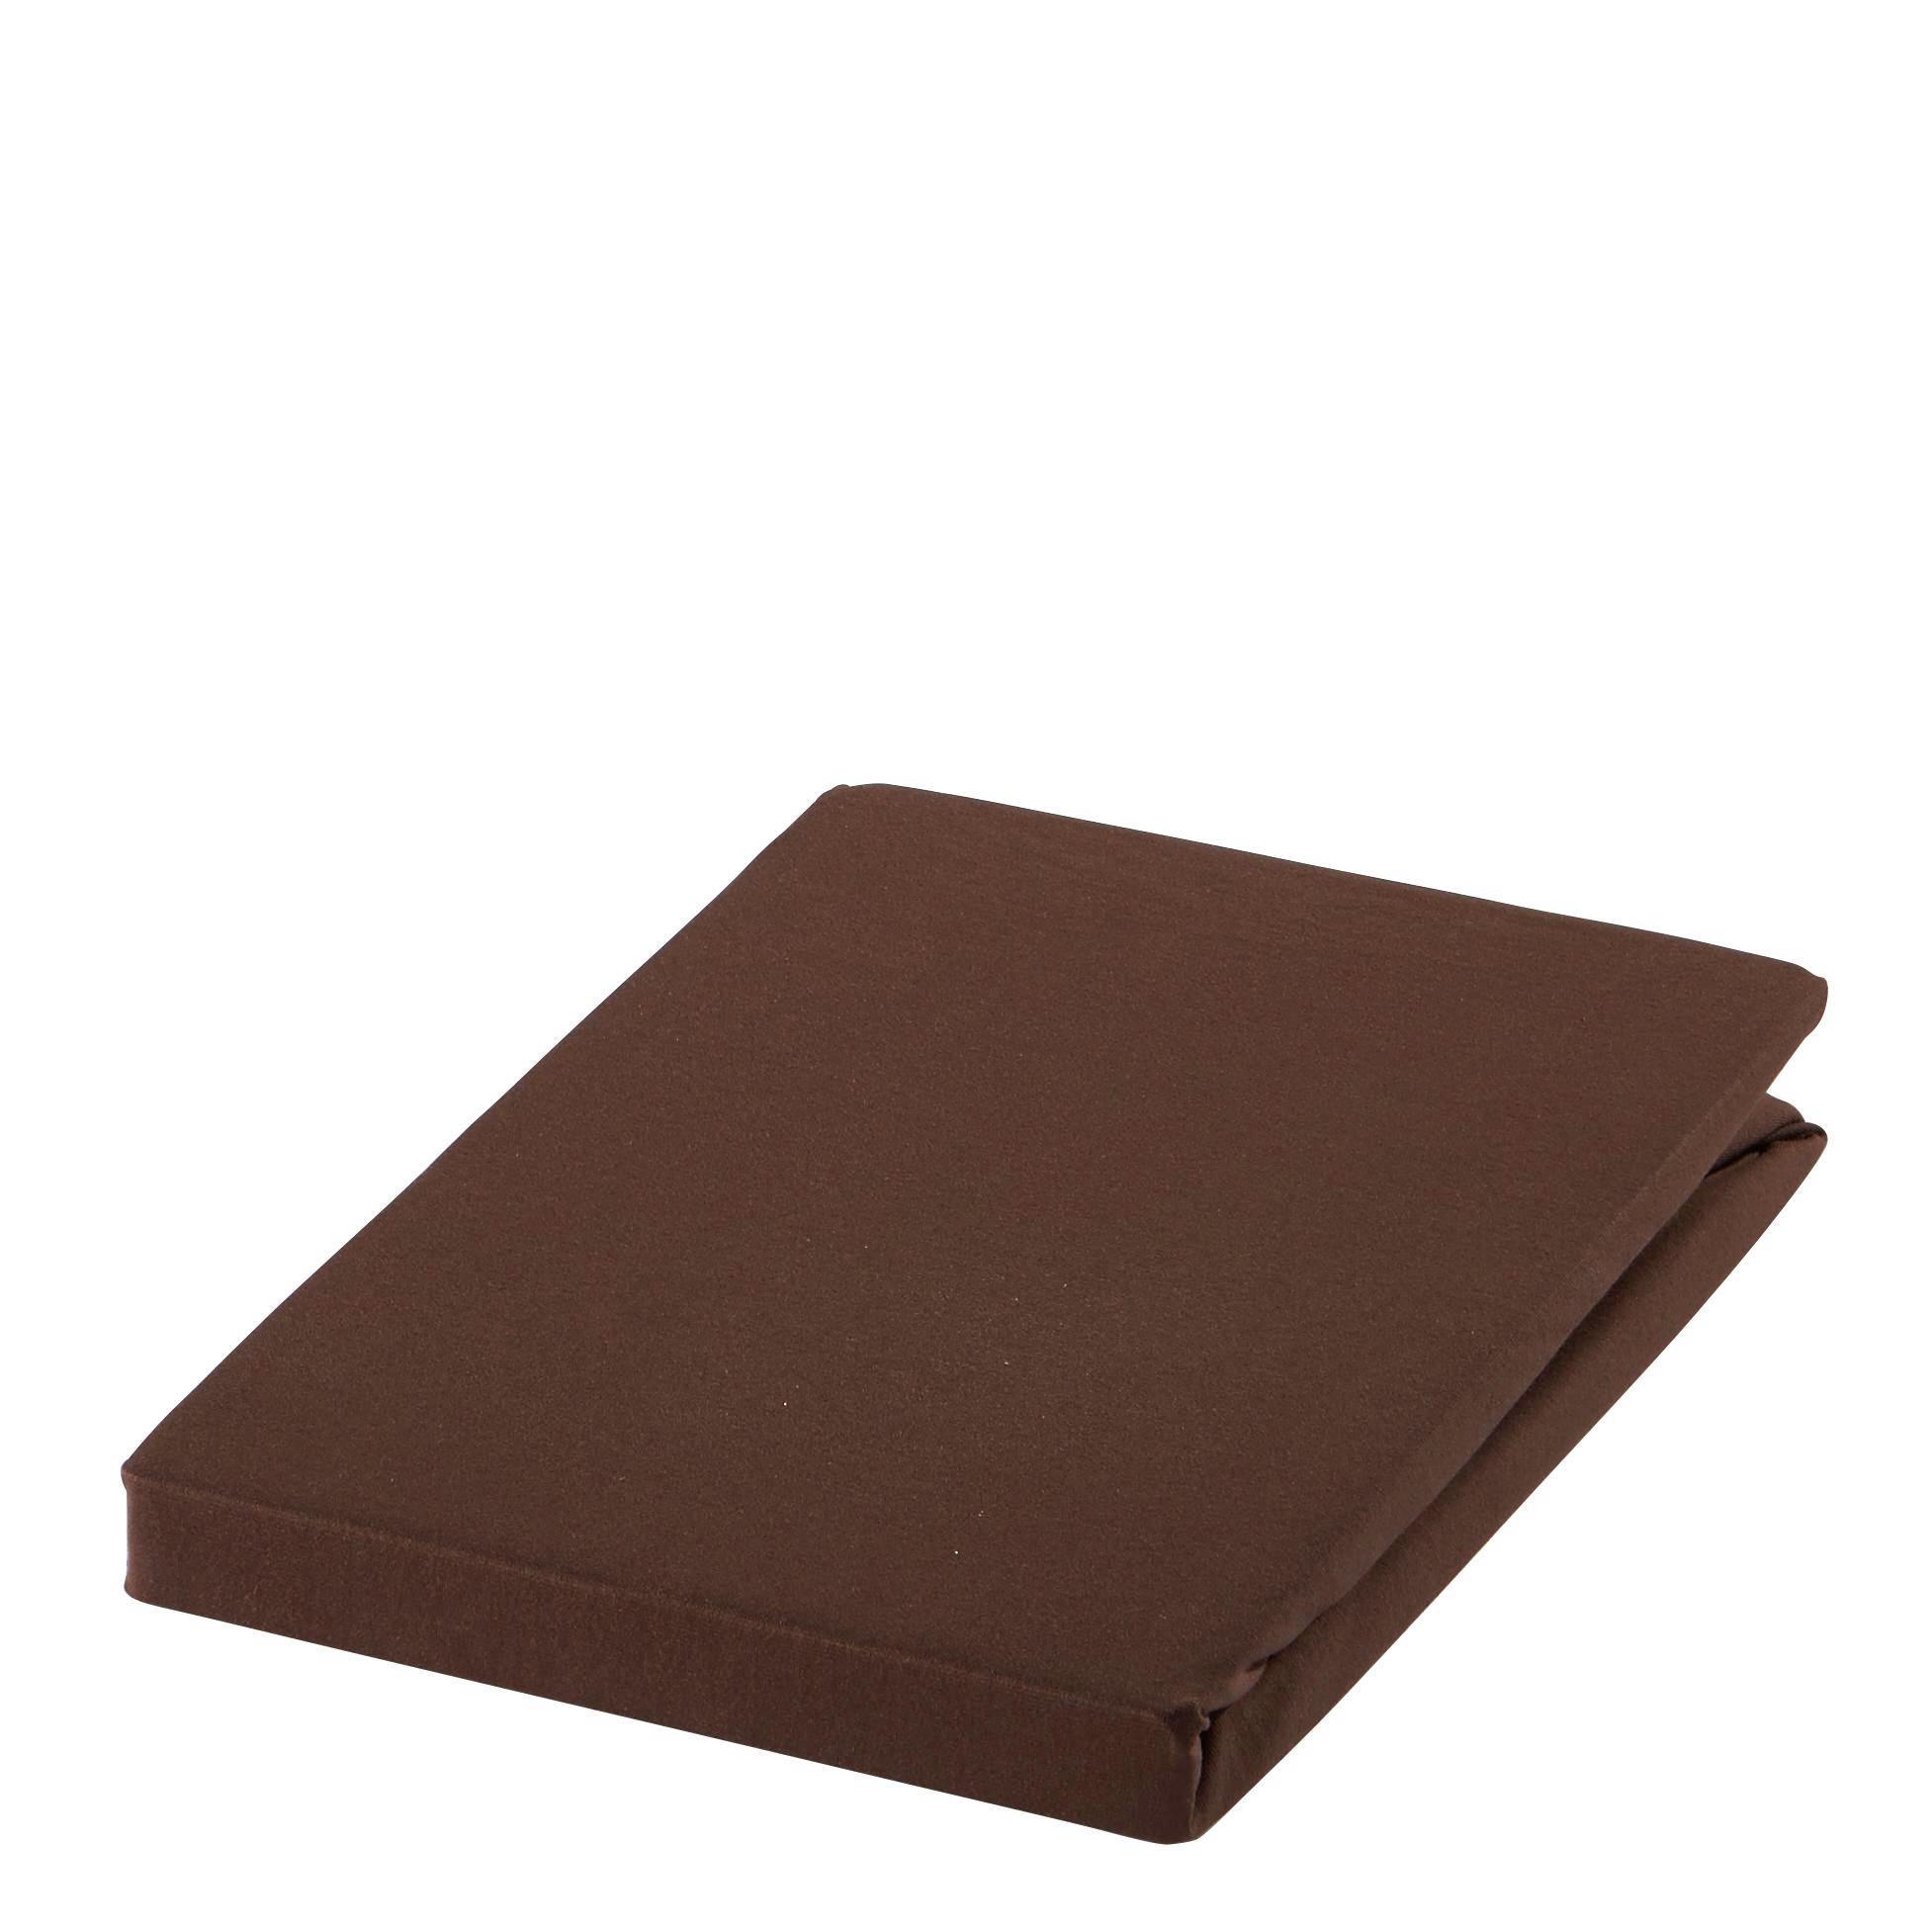 SPANNBETTTUCH Zwirn-Jersey Braun bügelfrei, für Wasserbetten geeignet - Braun, Basics, Textil (200/200cm) - ESTELLA